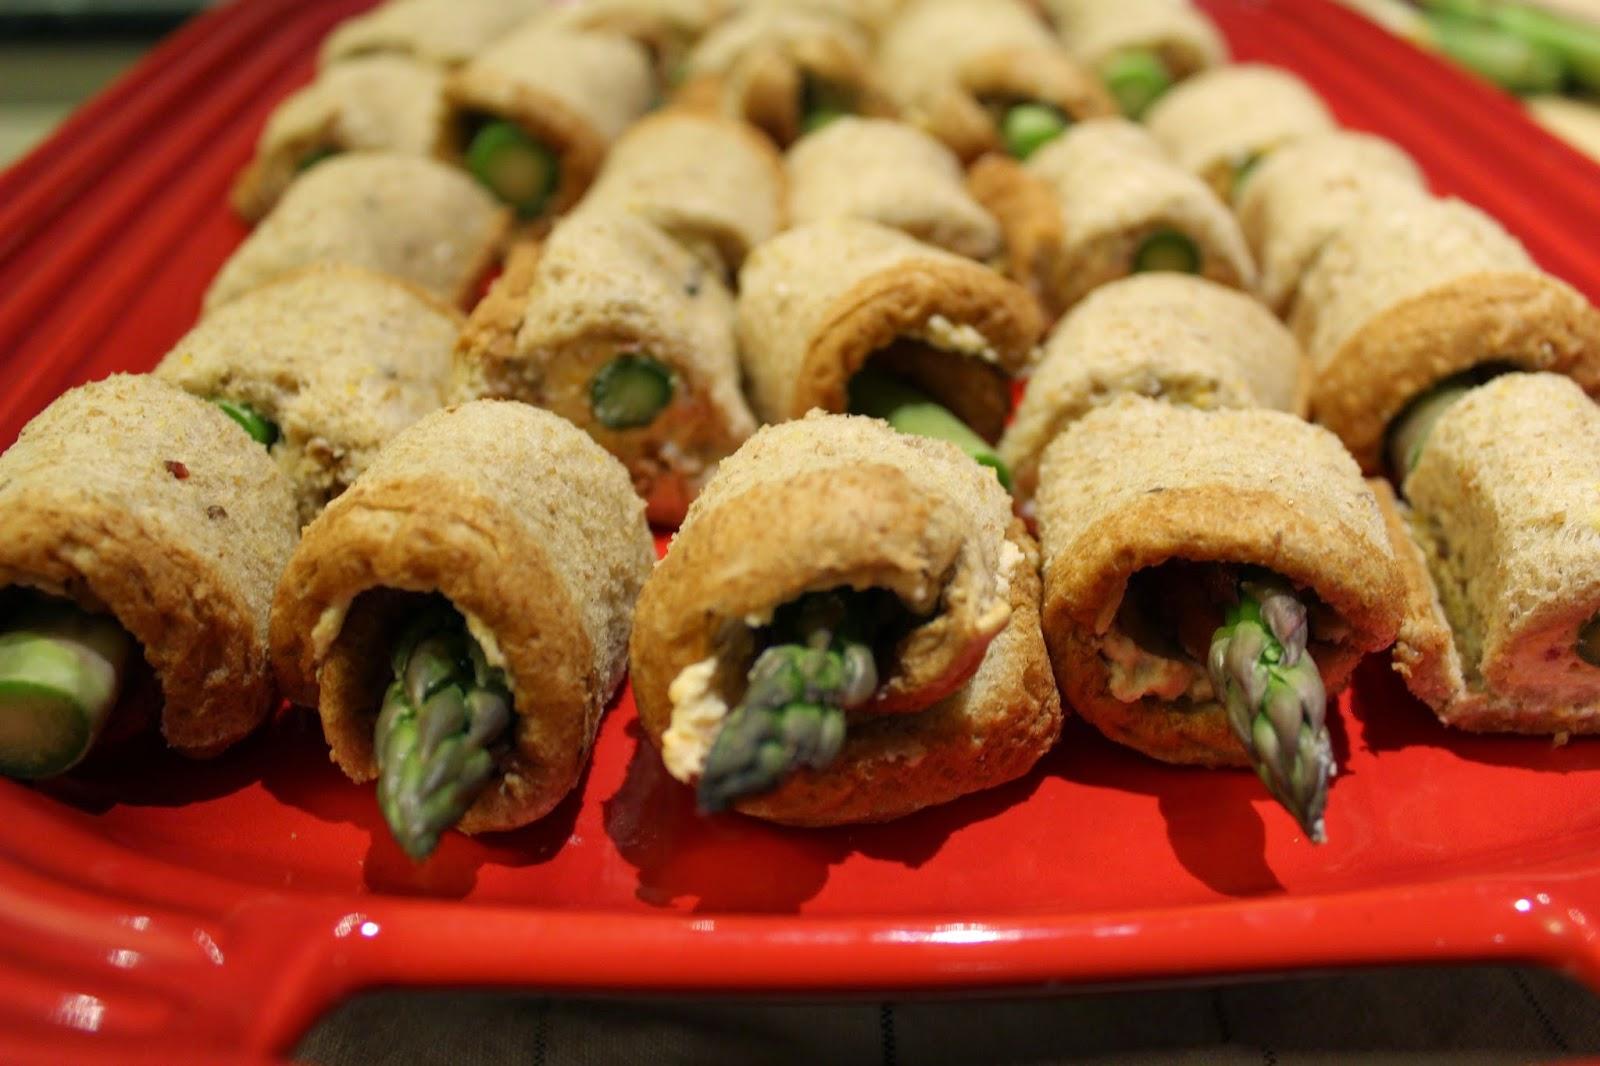 http://www.lecreuset.com/large-serving-platter